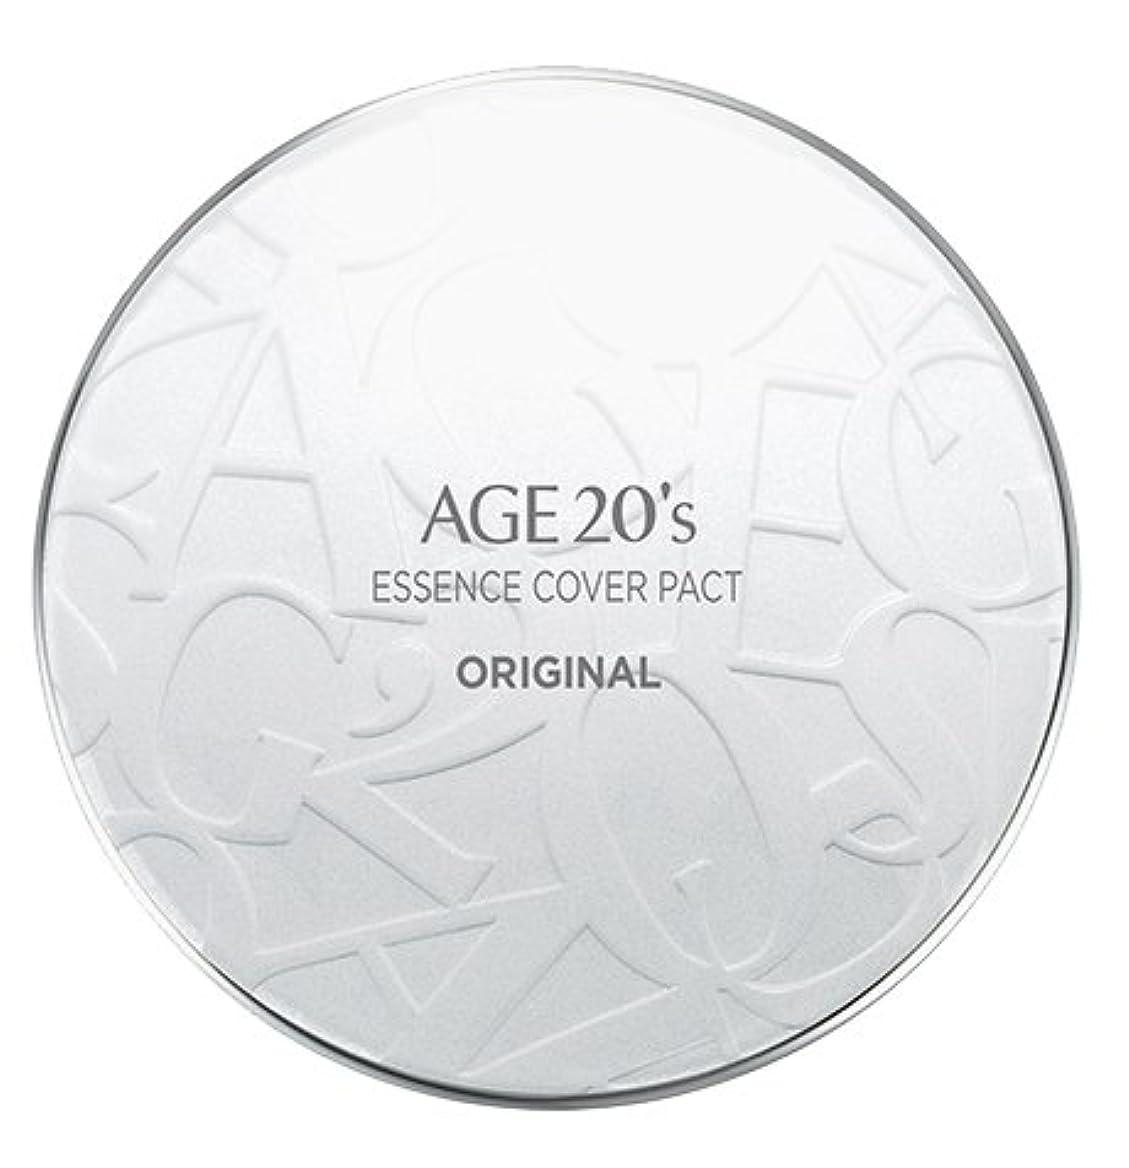 昼間センチメンタル考えたAGE 20's Essence Cover Pact Original [White Latte] 12.5g + Refill 12.5g (#21)/エイジ 20's エッセンス カバー パクト オリジナル [ホワイトラテ] 12.5g + リフィル 12.5g (#21) [並行輸入品]